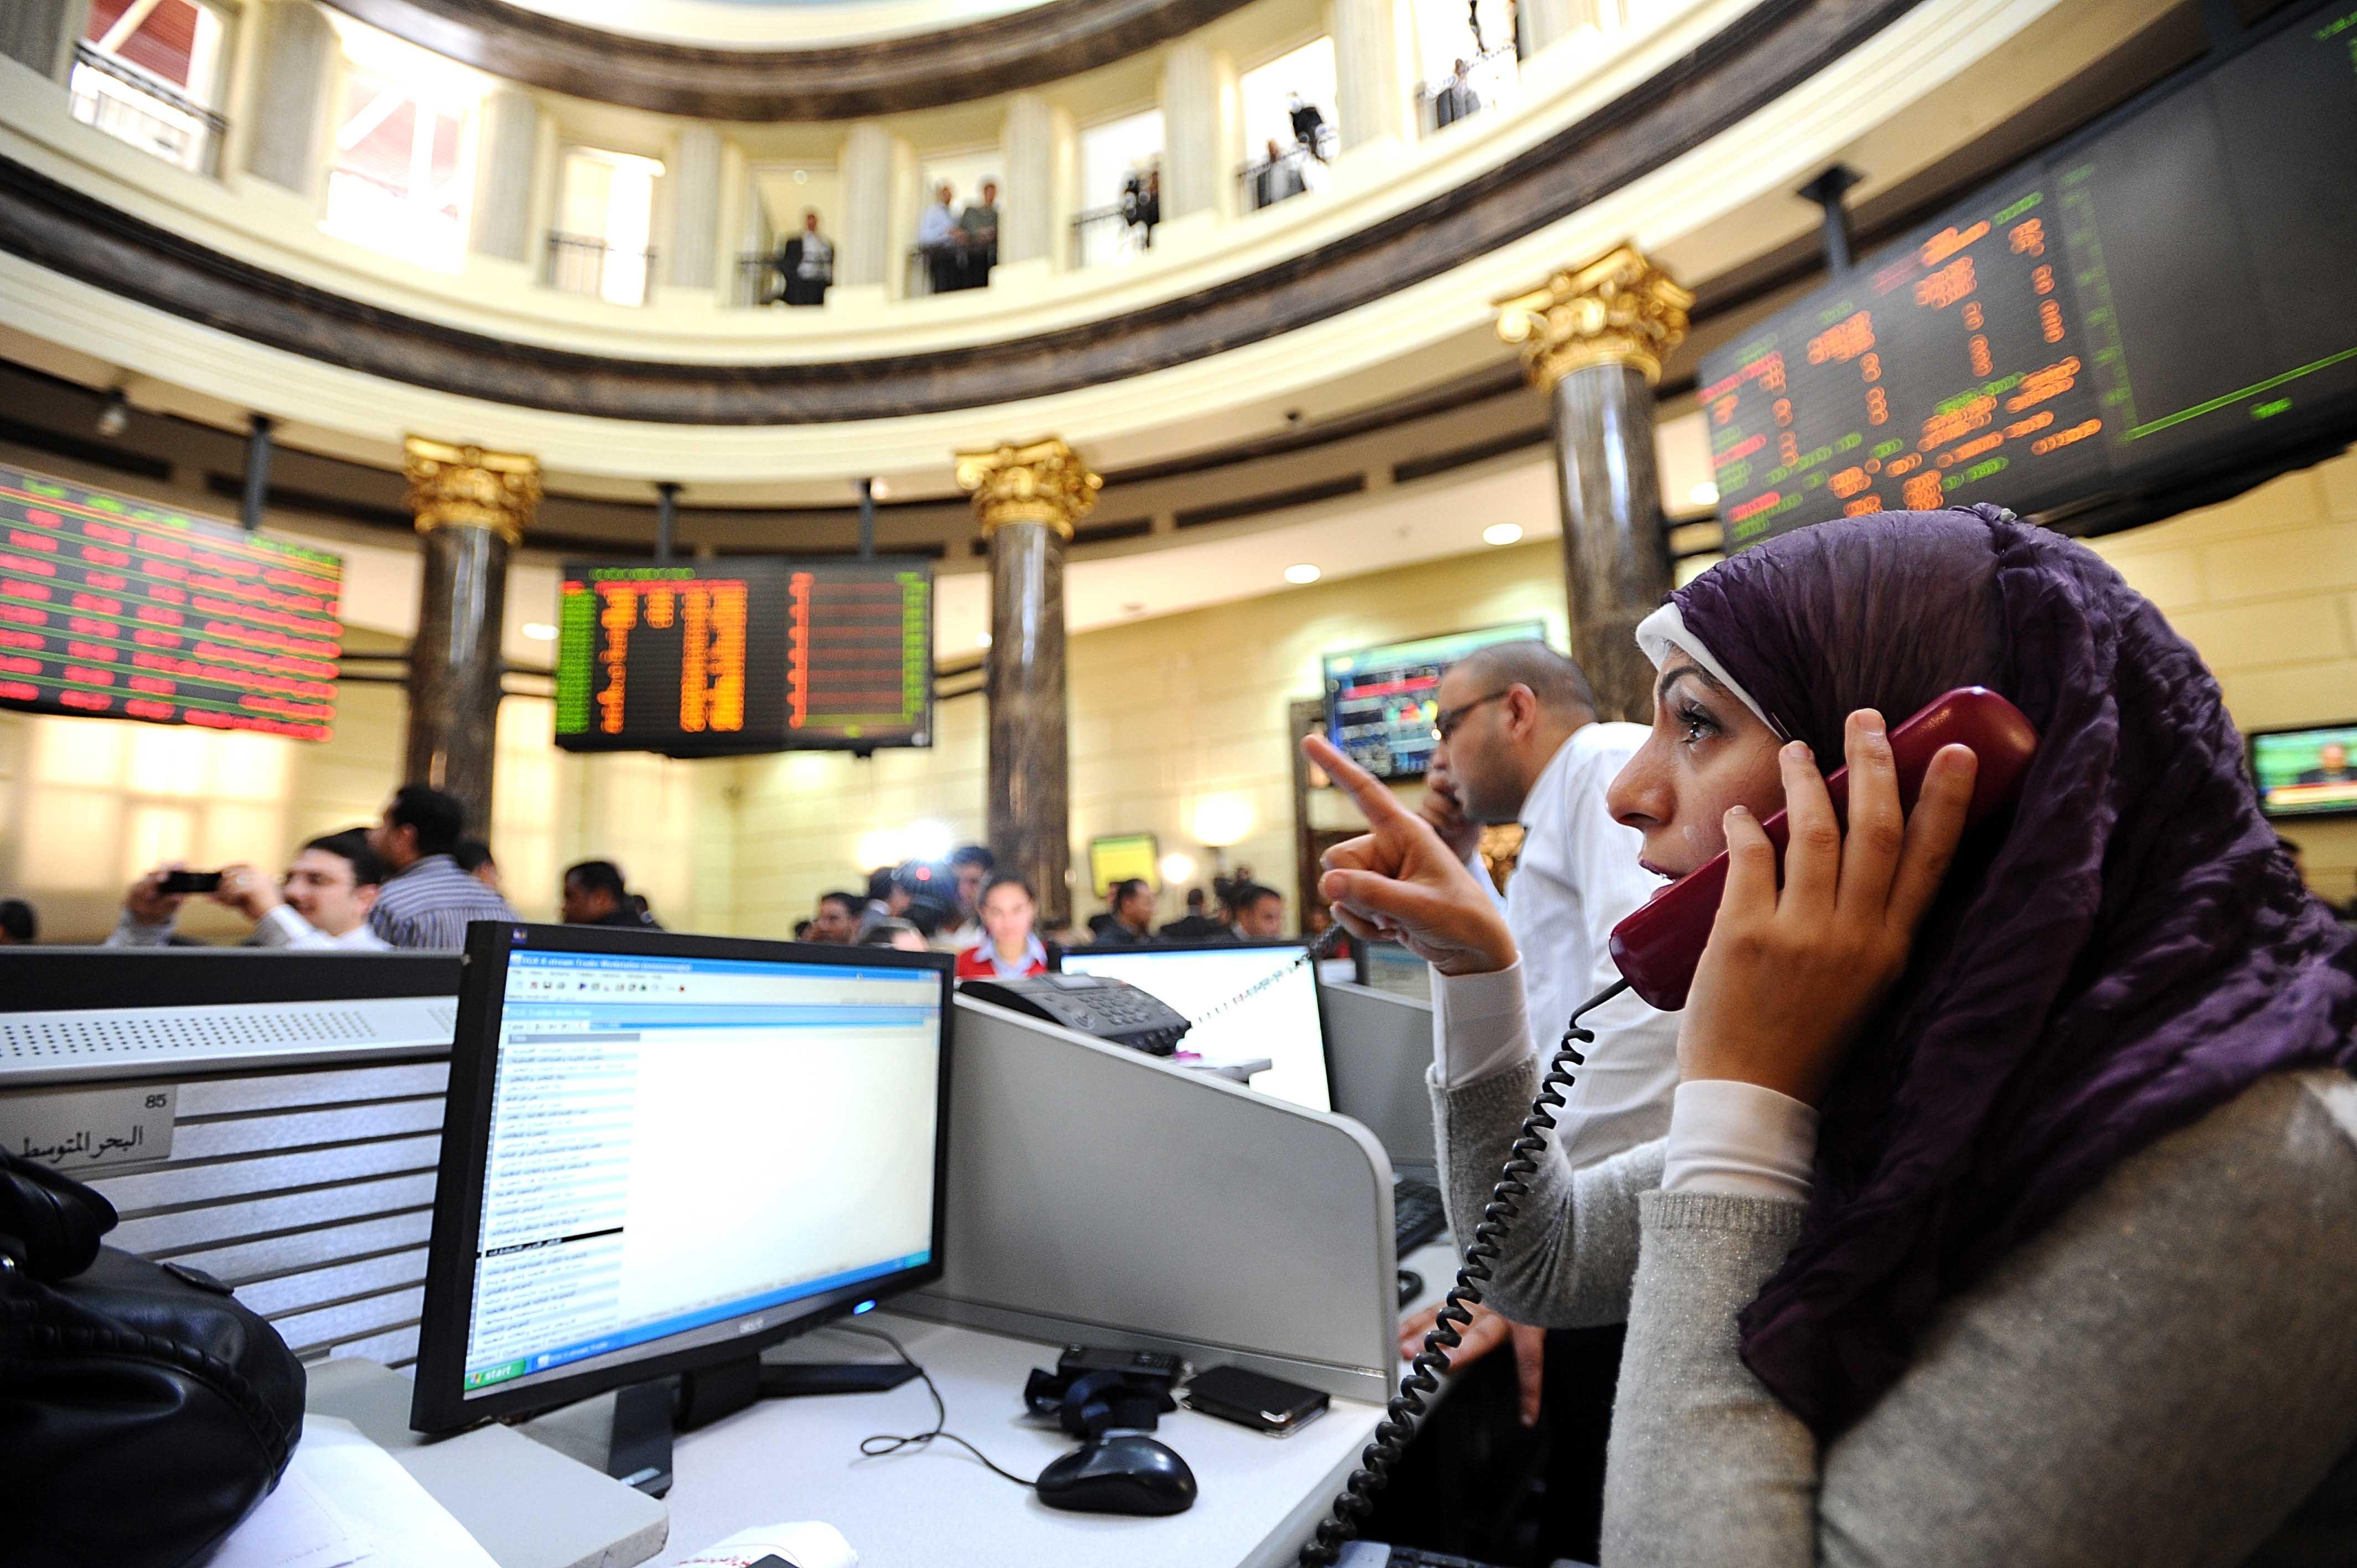 بورصة مصر توجه شركات السمسرة لتنفيذ عمليات التداول عن بُعد لمكافحة كورونا - ABC - Borsa